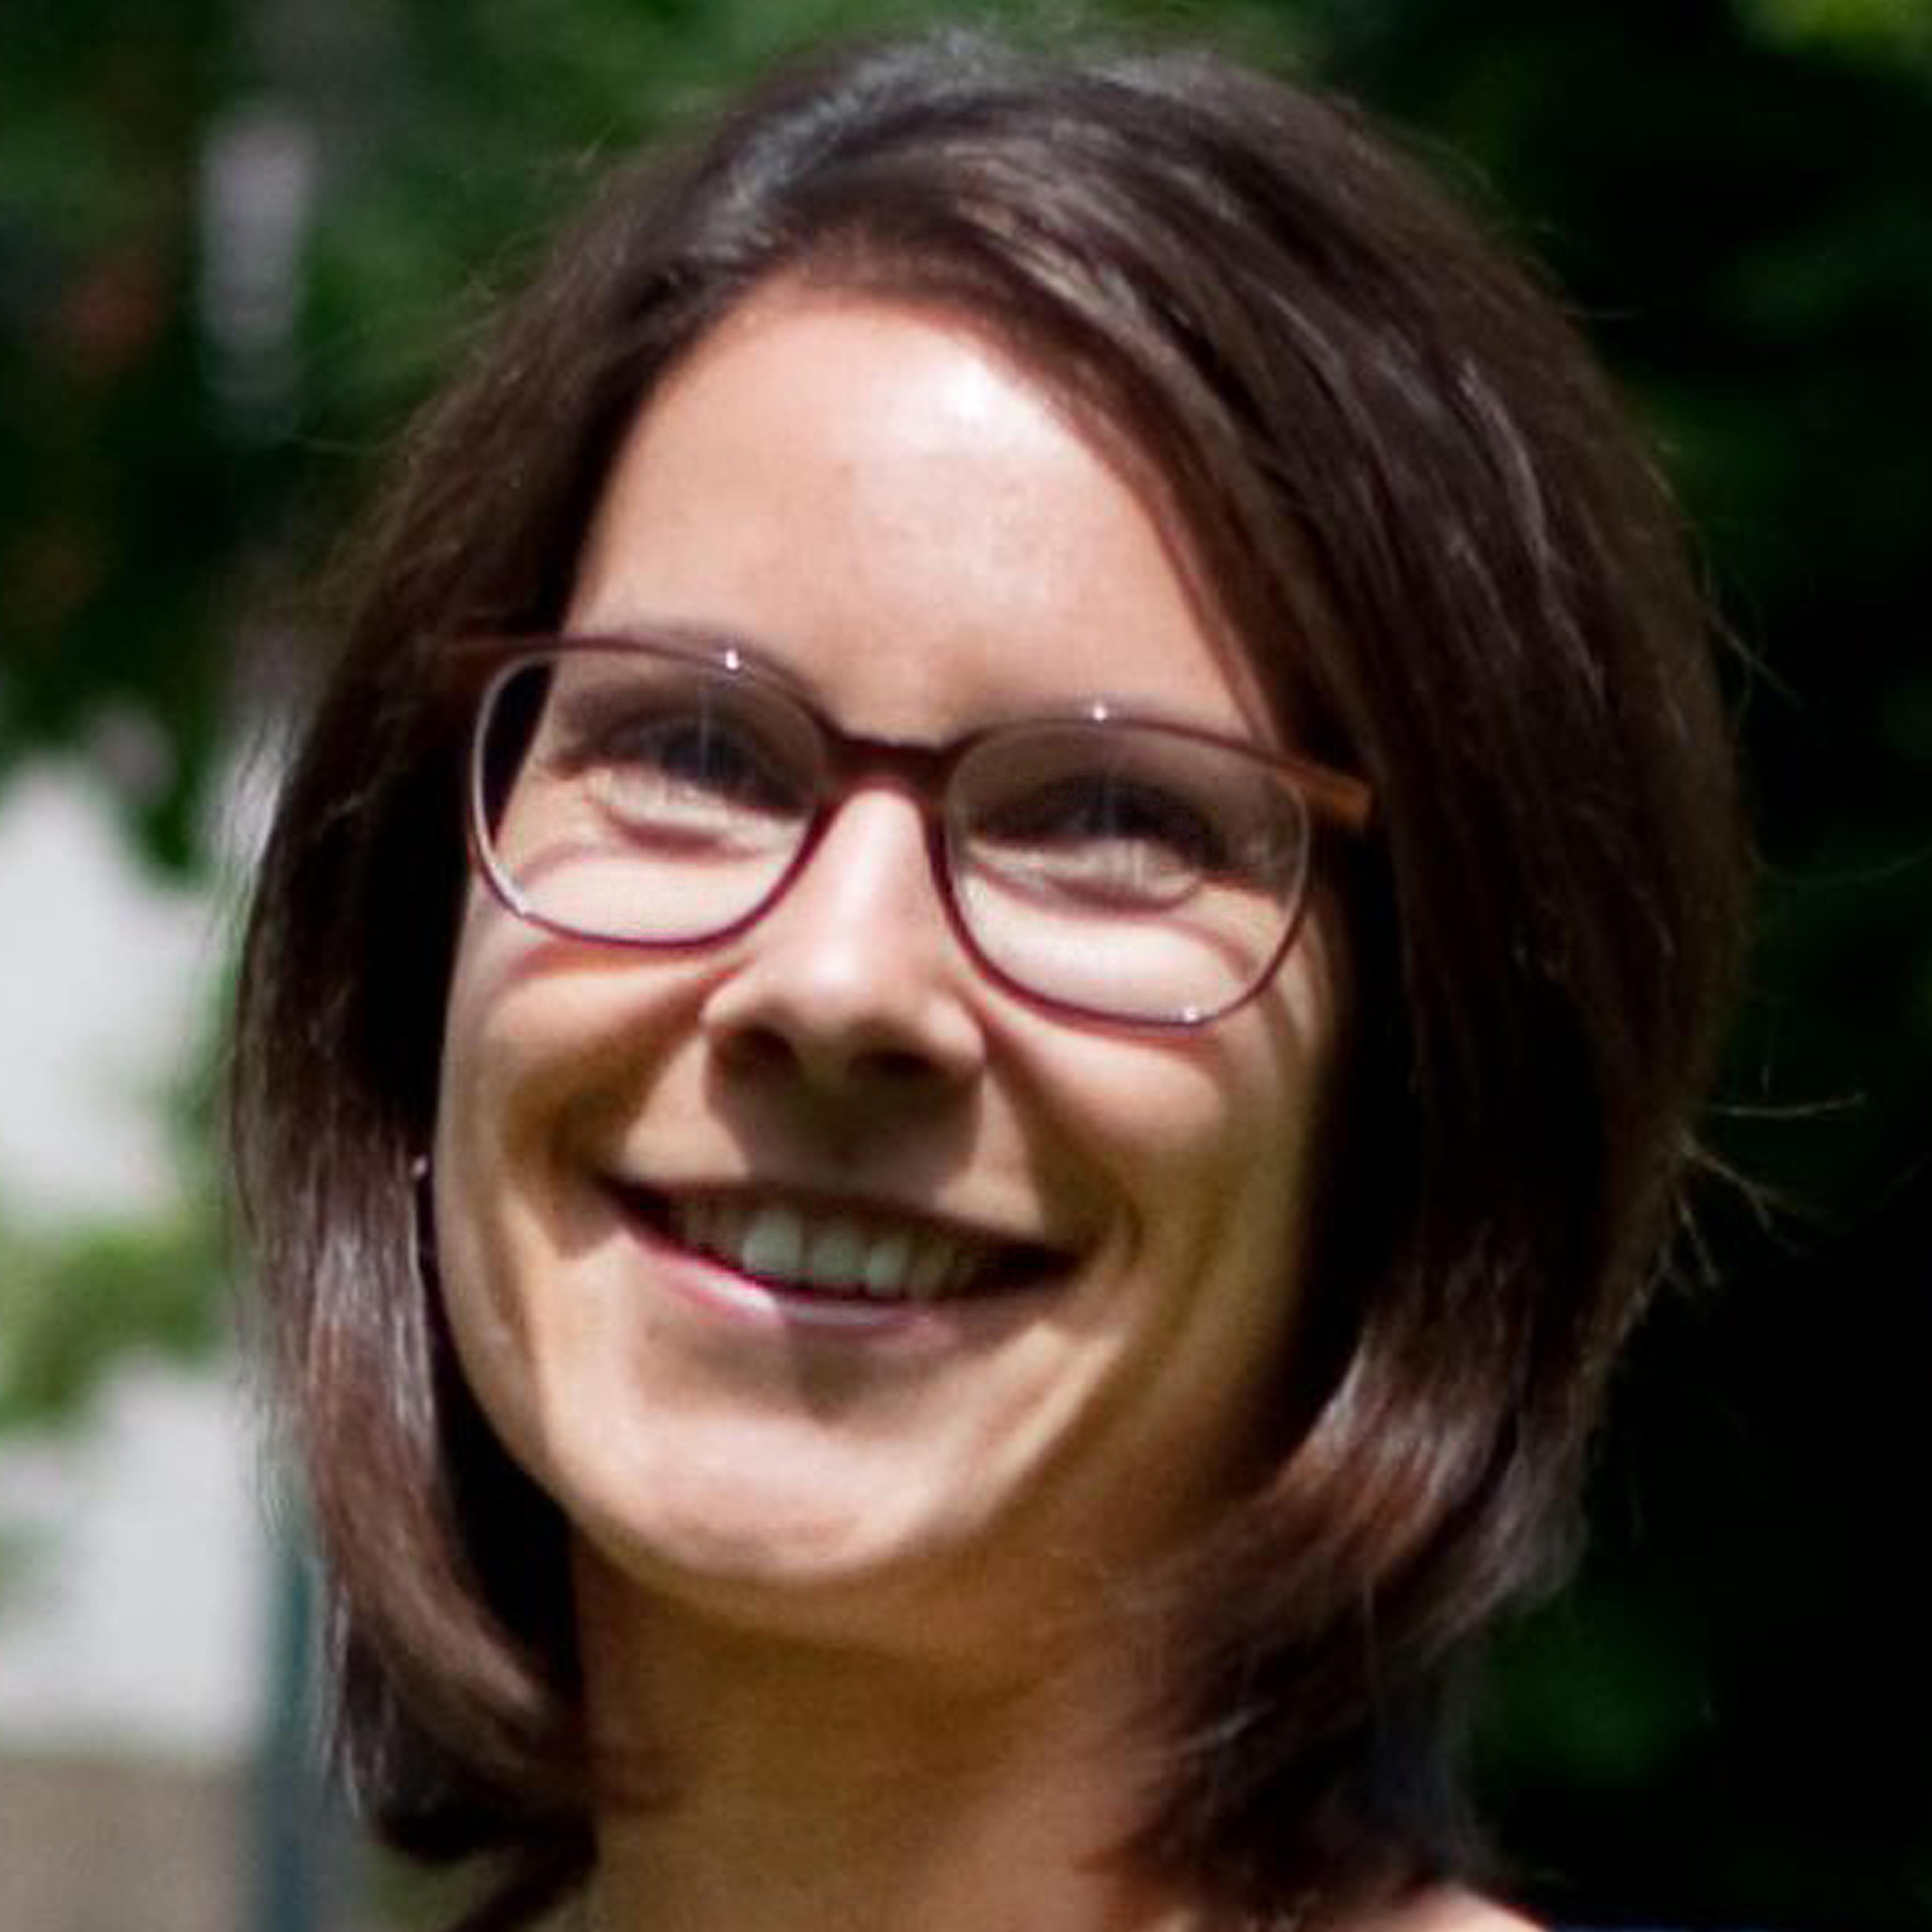 Vicky Gündel